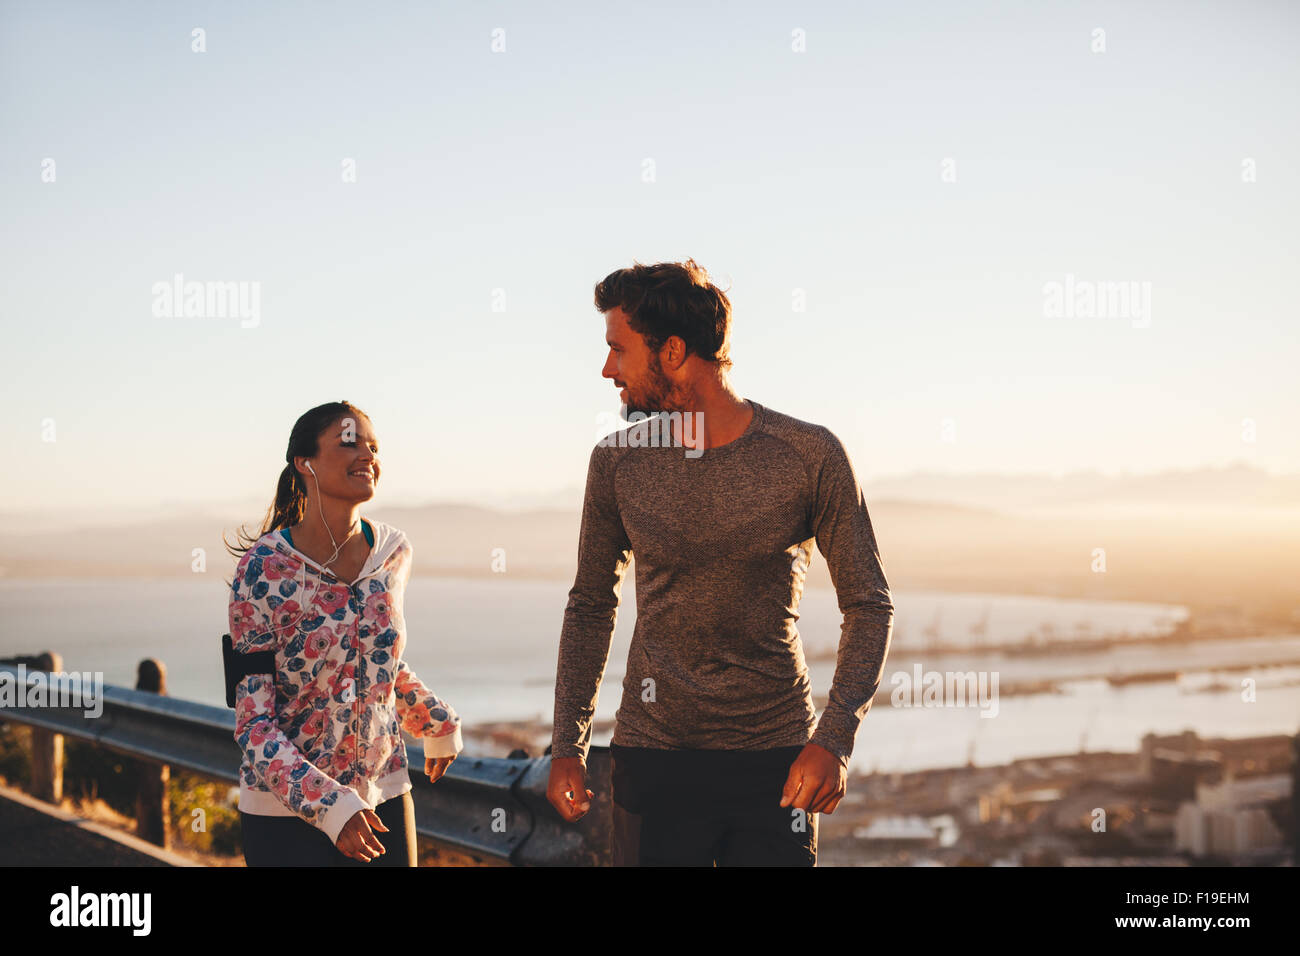 Bild des Fit junger Mann und Frau Joggen auf Landstraße, betrachten einander. Läufer genießen Morgenlauf. Stockbild